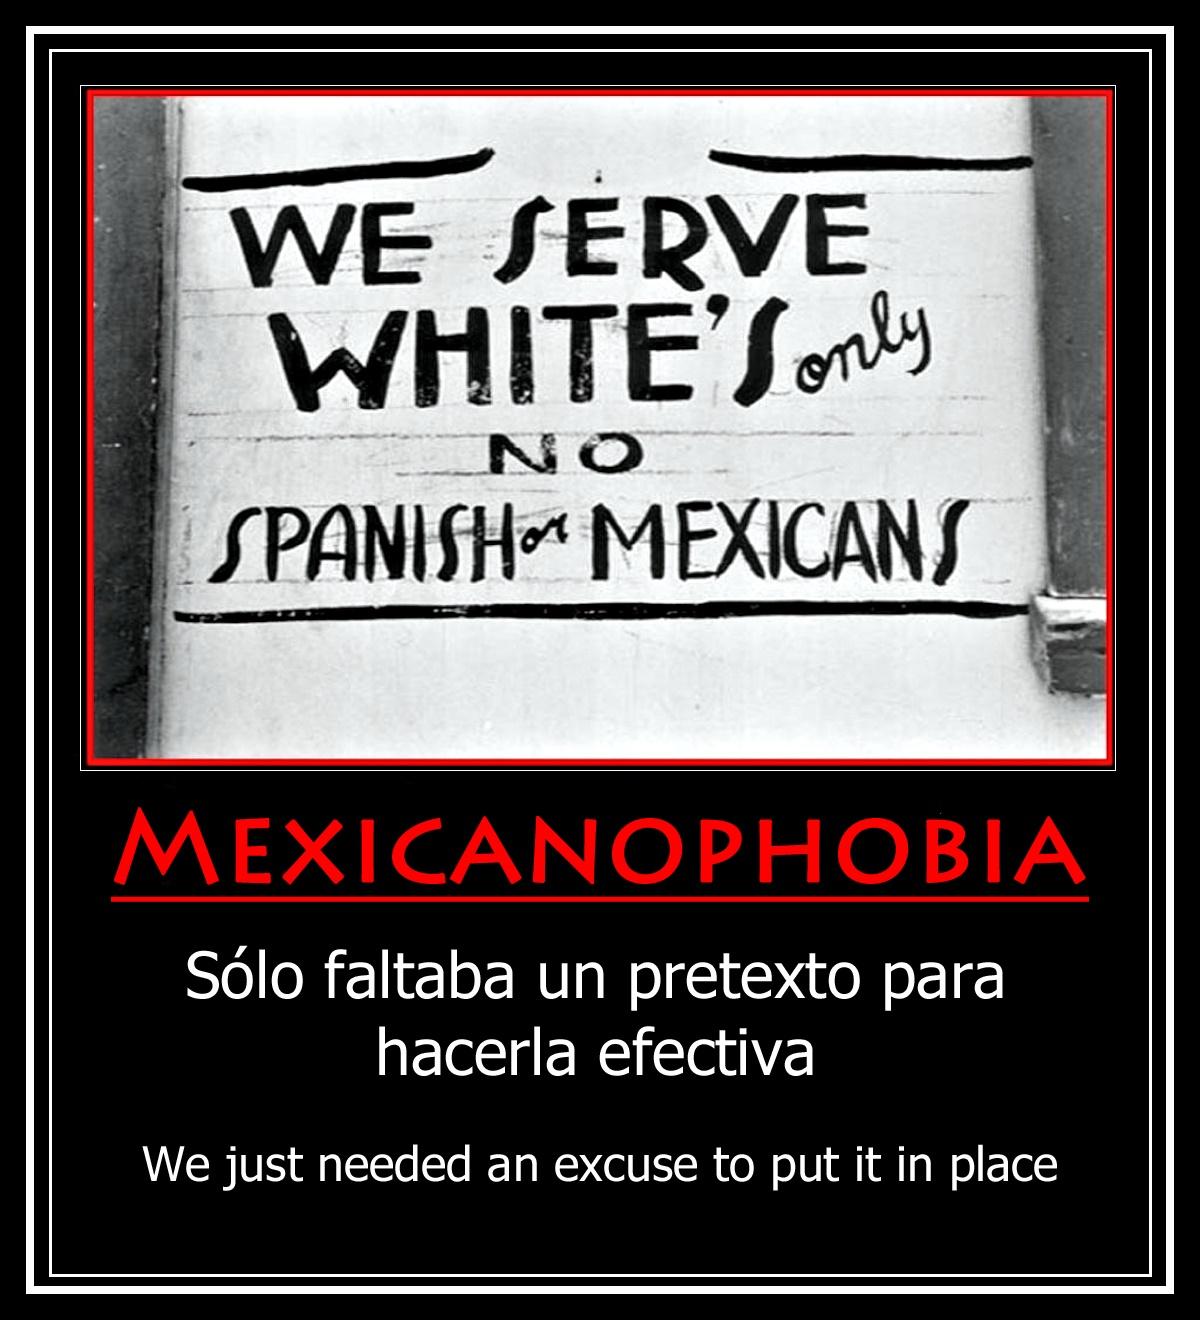 00 mexicanofobia. 21.10.14